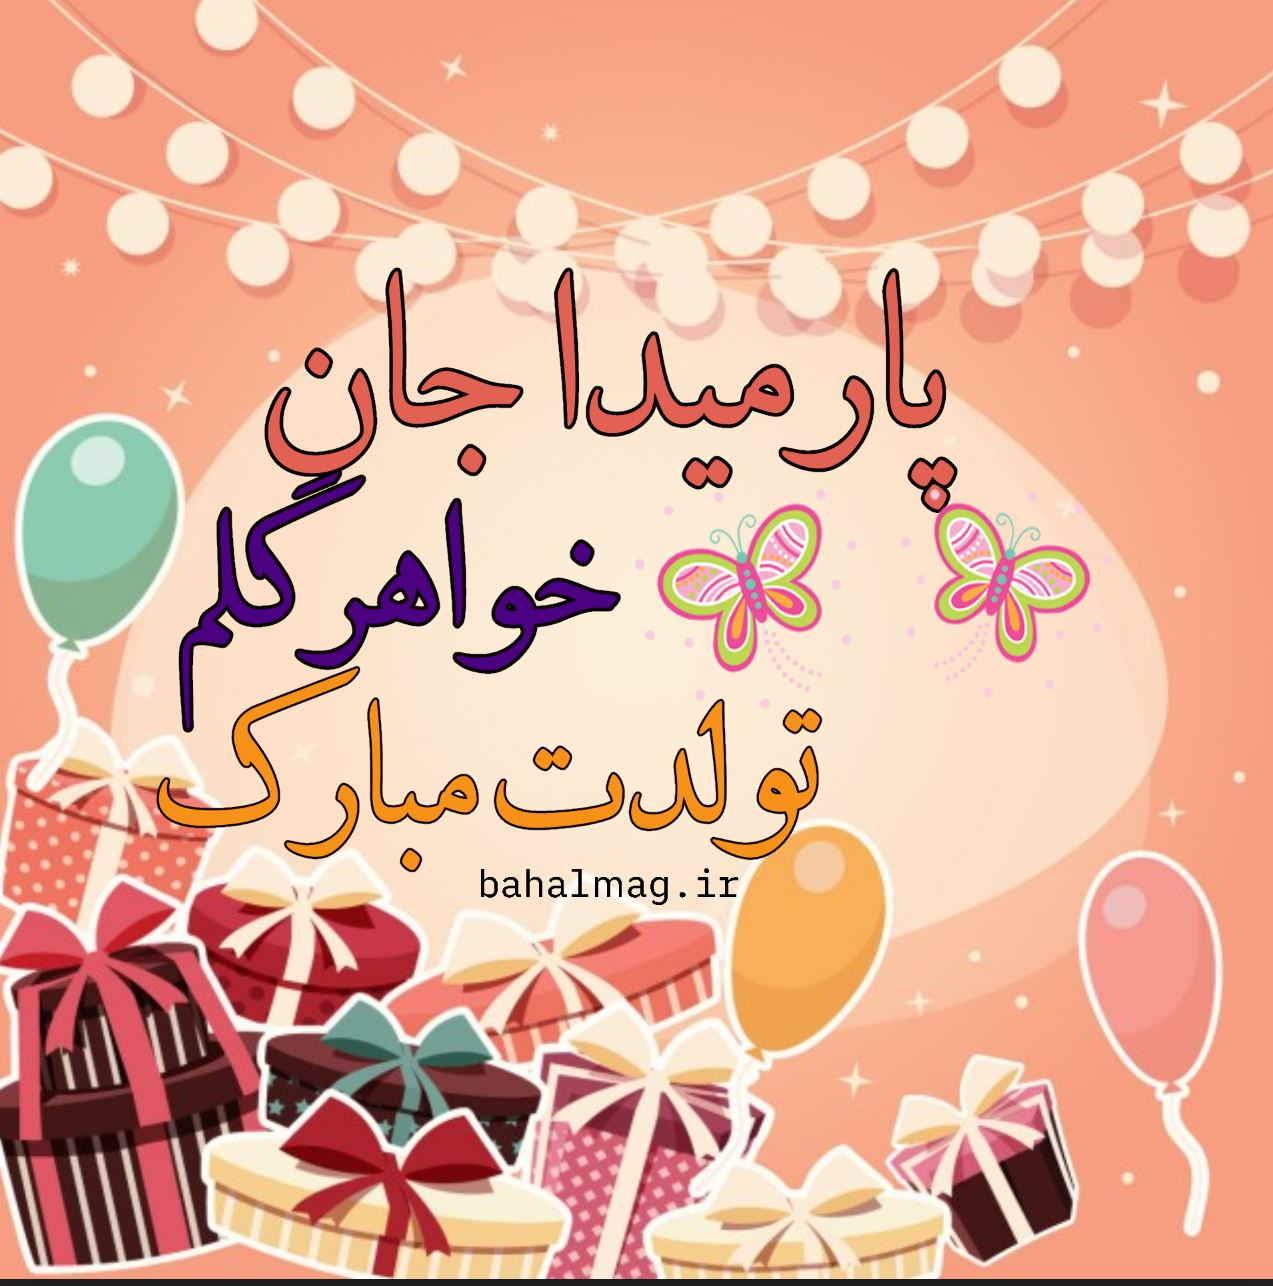 پارمیدا خواهر گلم تولدت مبارک باد